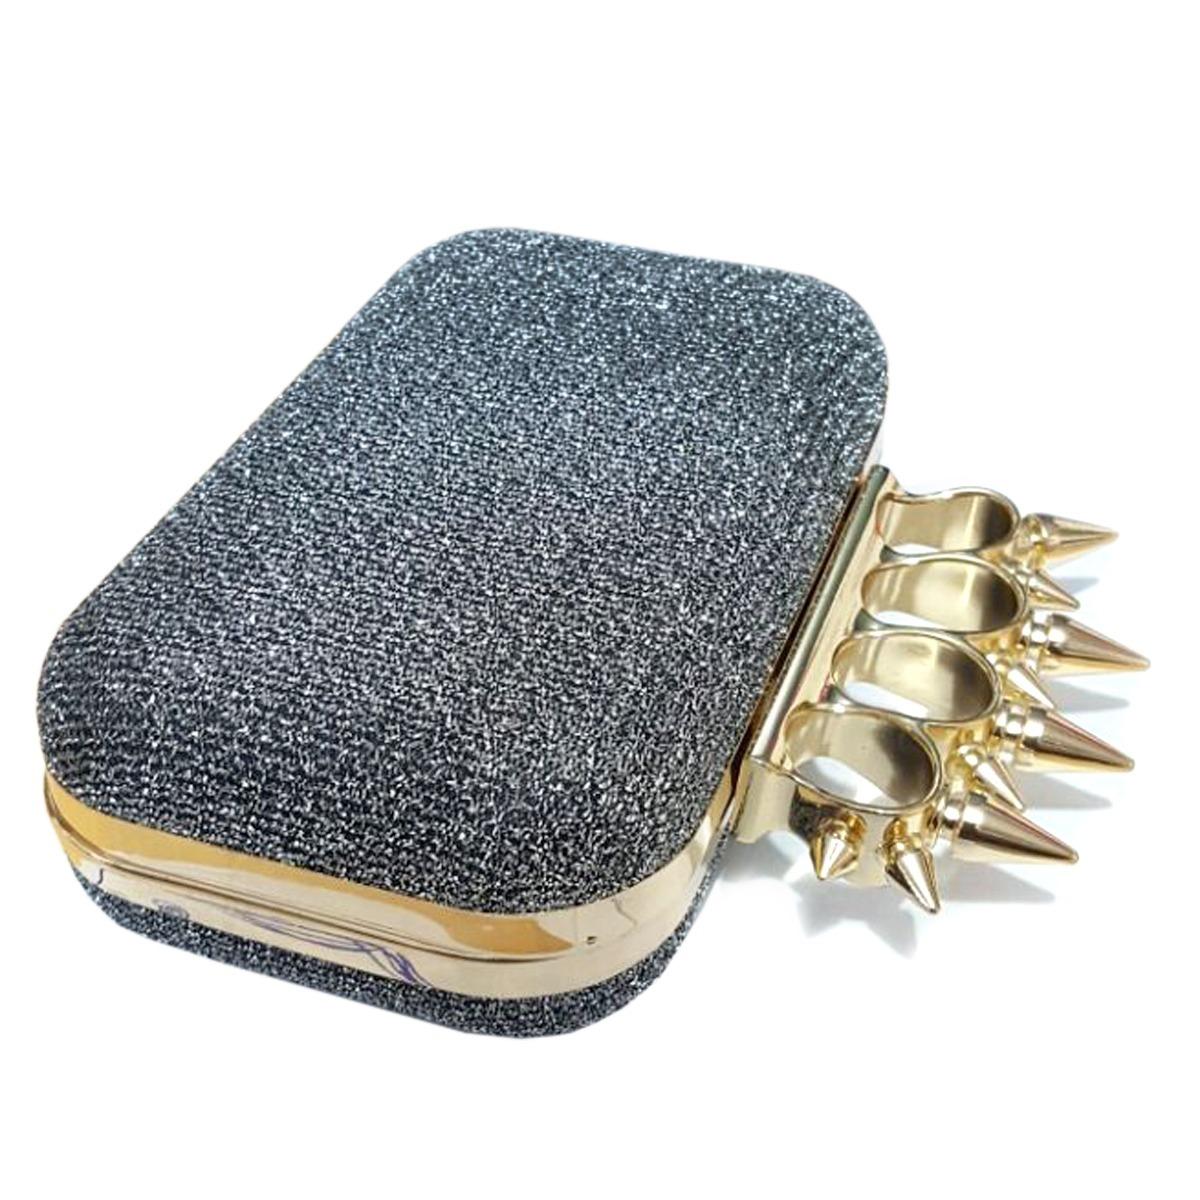 cd09a89ff6 Bolsa Clutch Carteira De Mão Spike Anel Soco Inglês Luxo - R  34